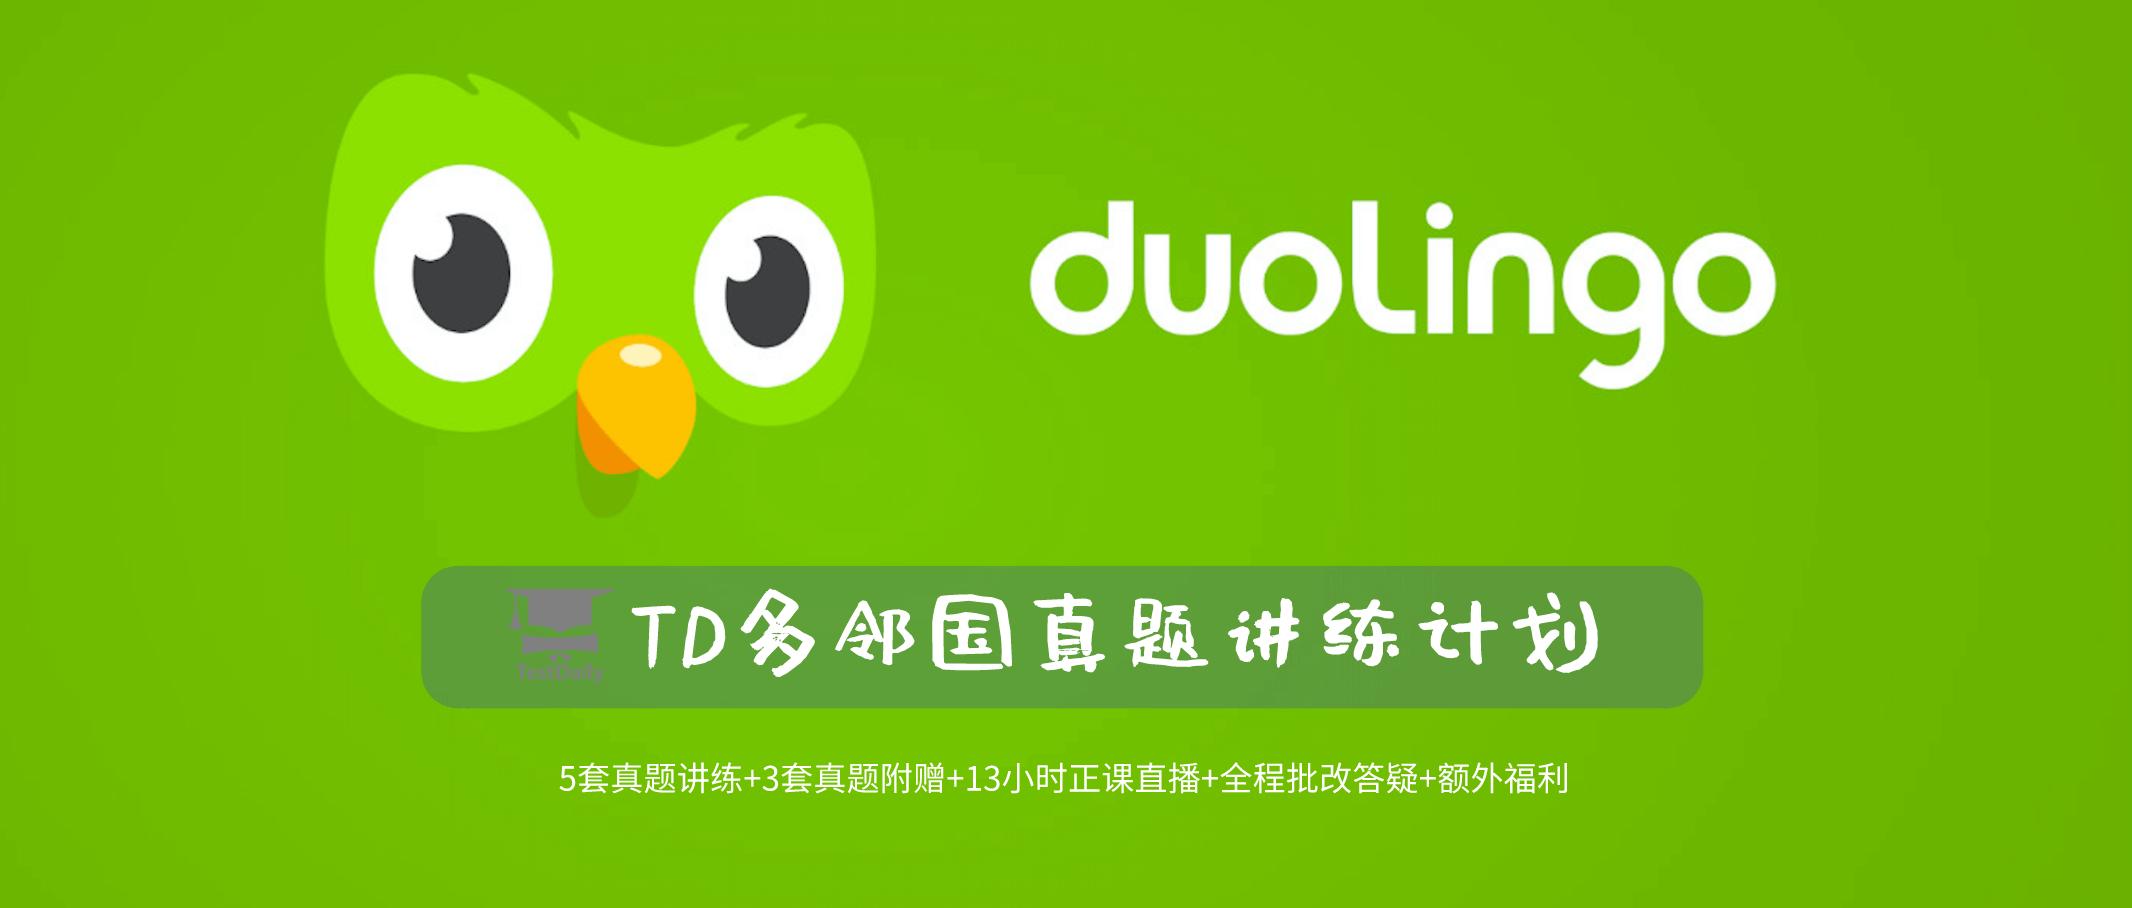 多邻国可以替代托福了!难度降低分数却难拿!让TD拯救你的duolingo成绩